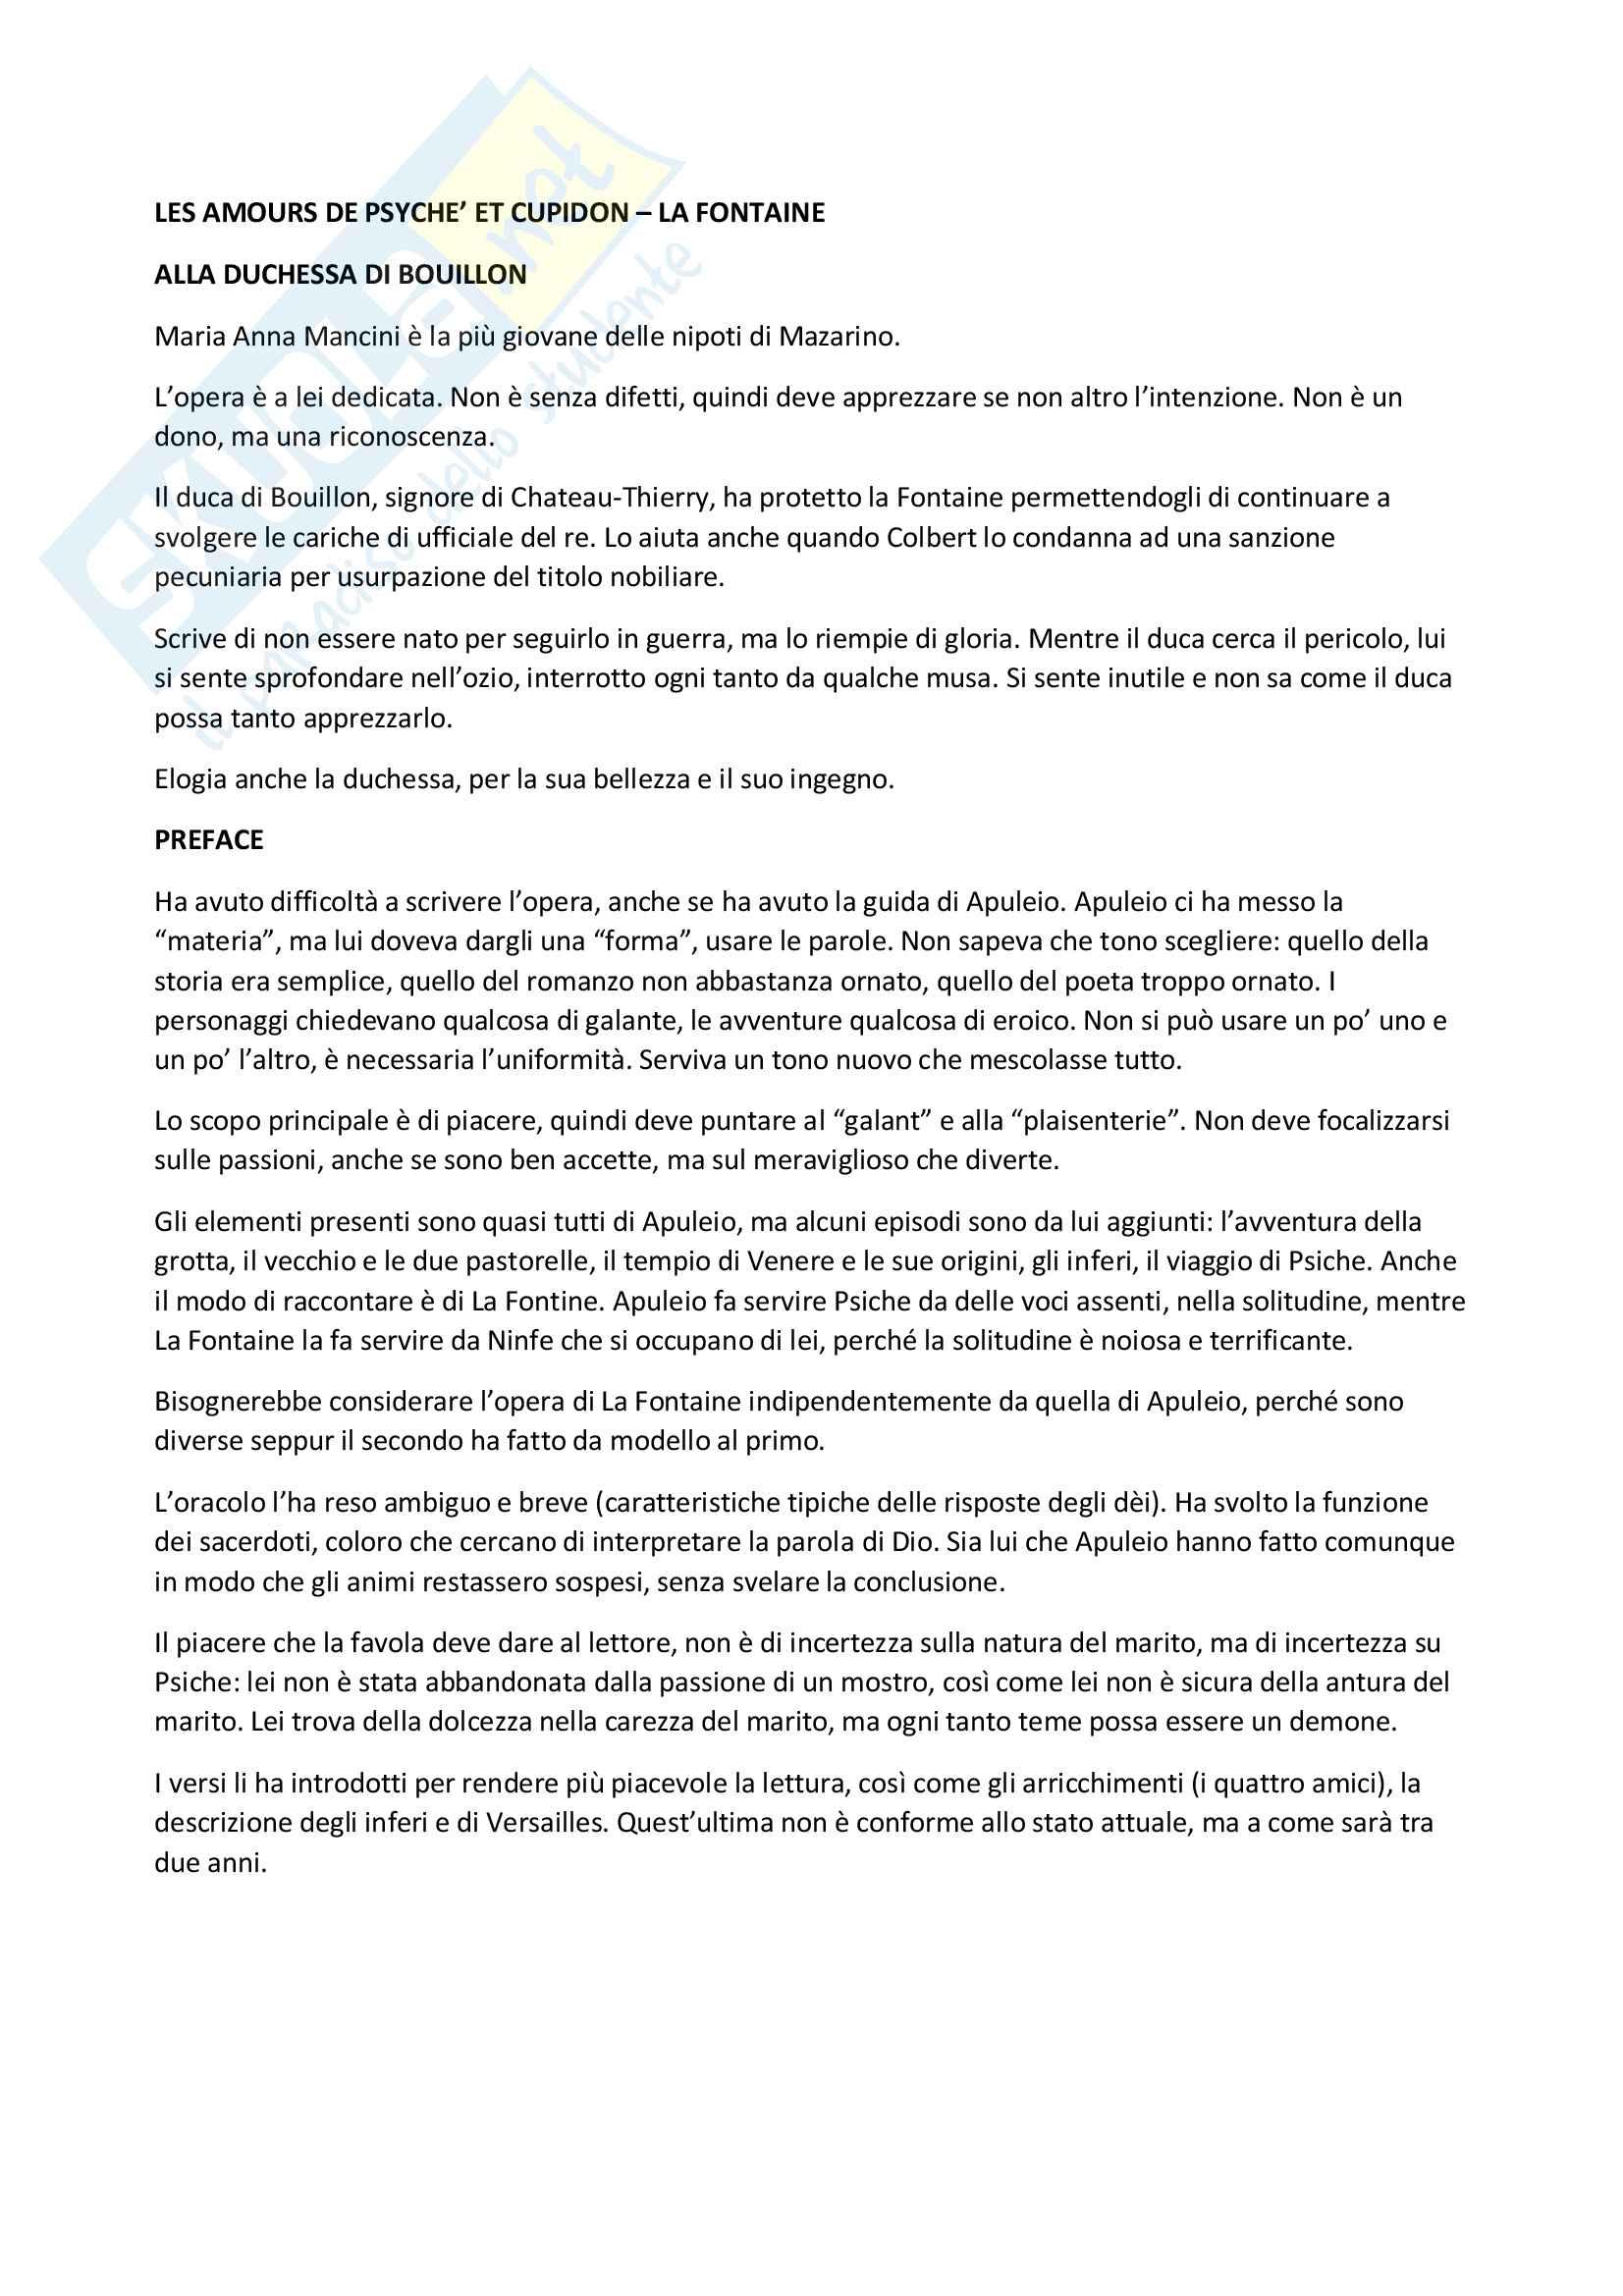 Riassunto - Les amours de Psychée et Cupidon, J. La Fontaine